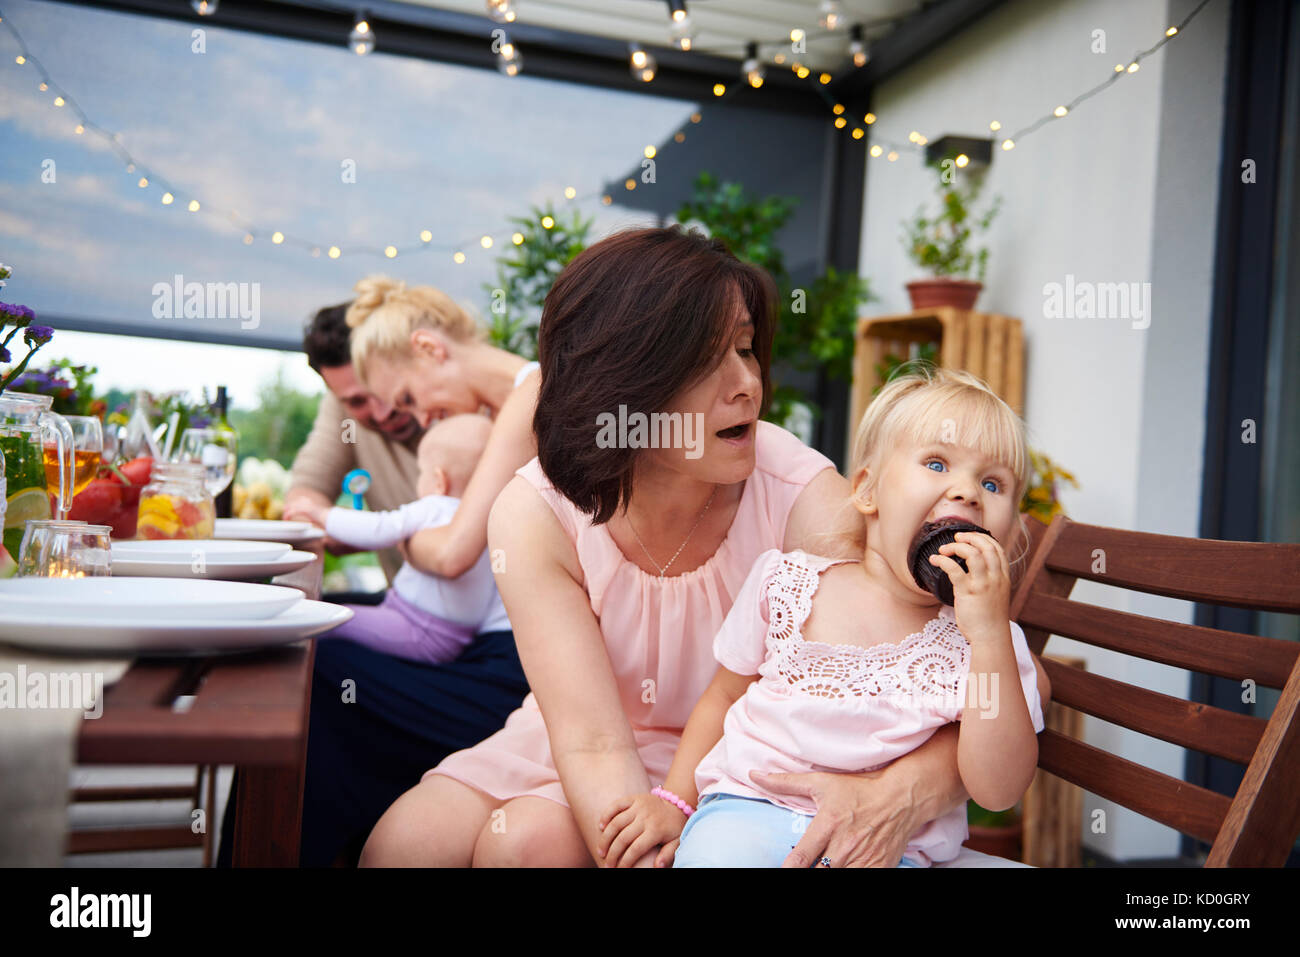 Reife Frau mit Kleinkind Enkelin essen Brownie bei Familie Mittagessen auf der Terrasse Stockbild